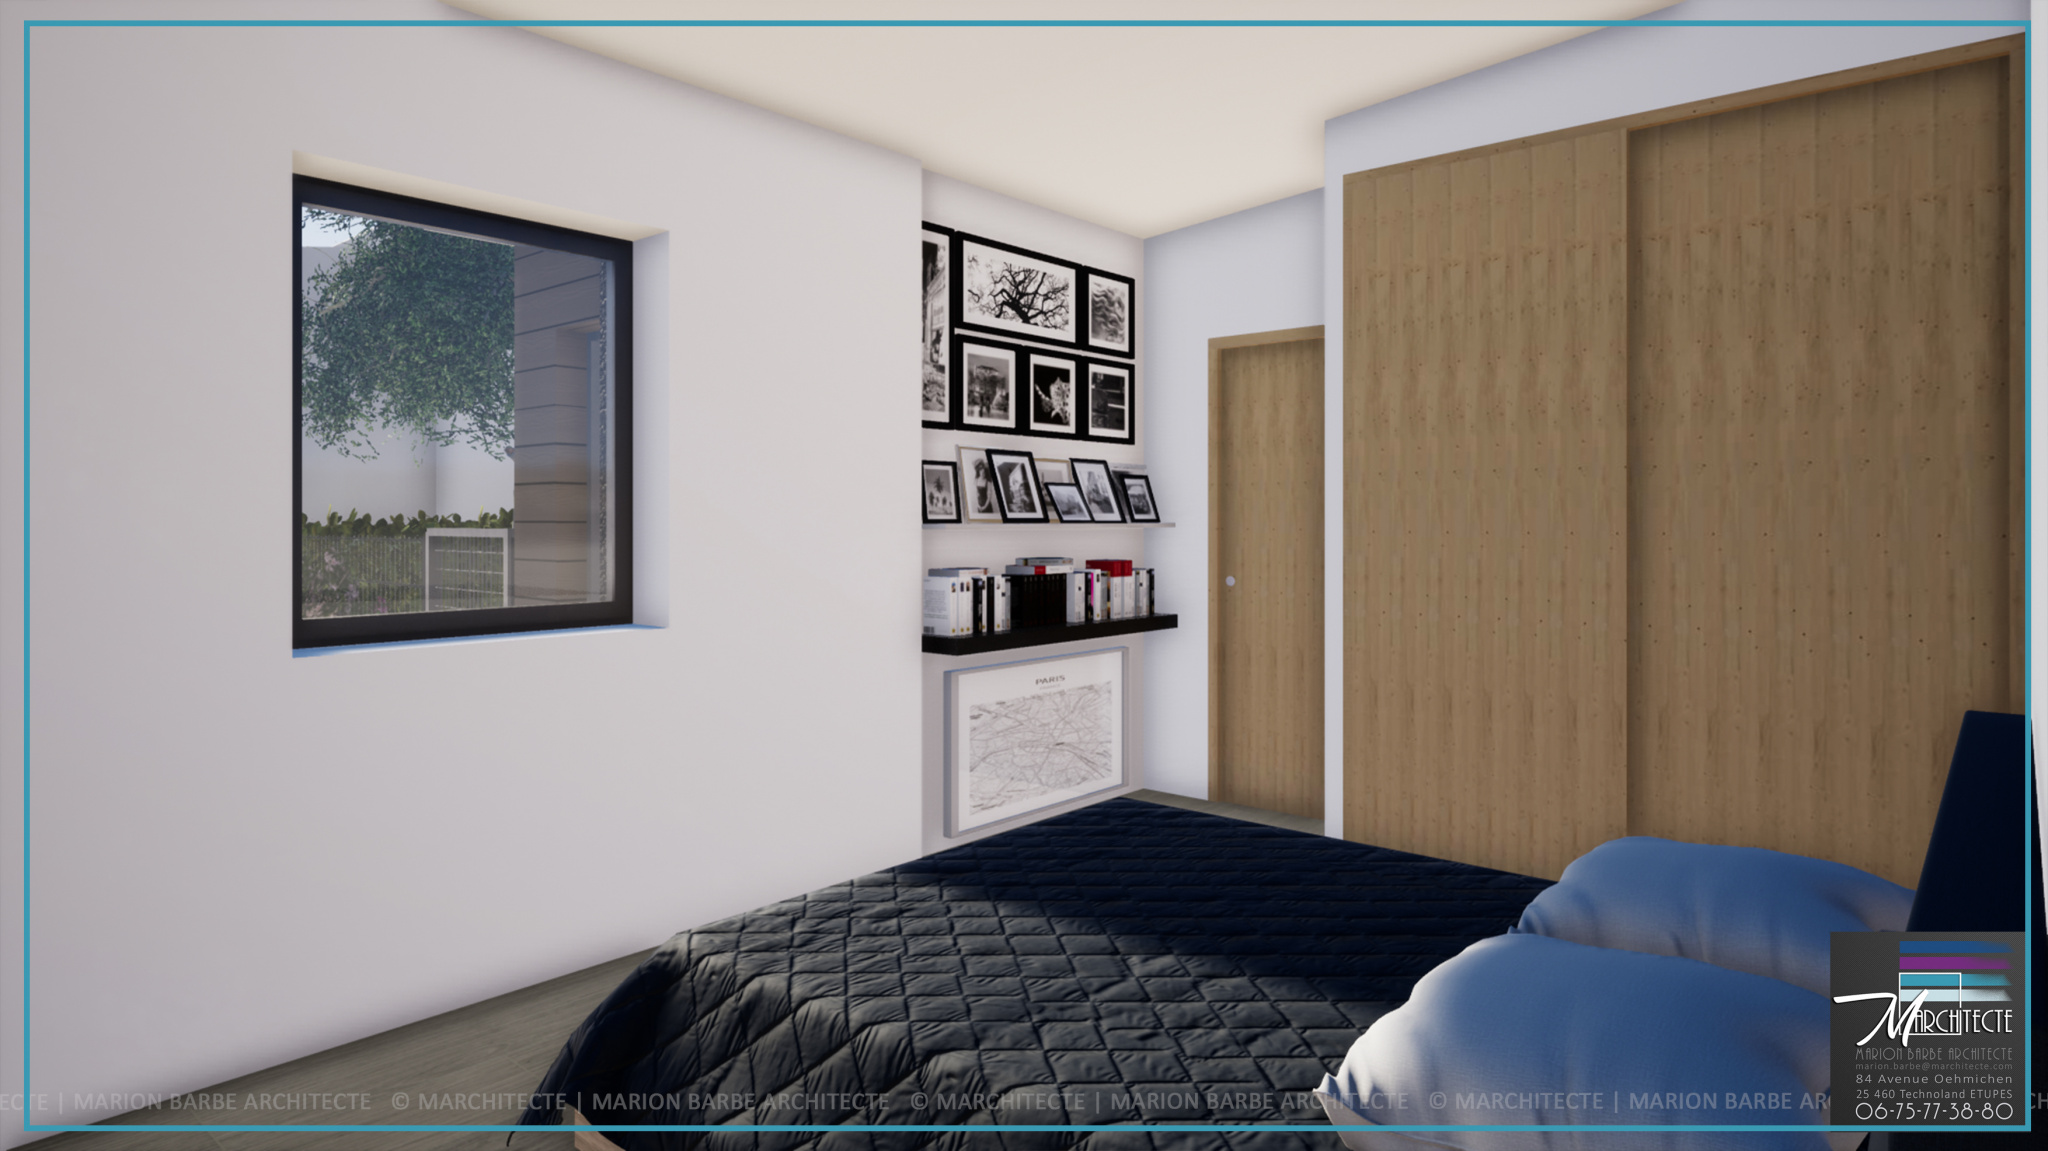 vente Maison neuve de plain pied - 80 m2 - 2 chambres